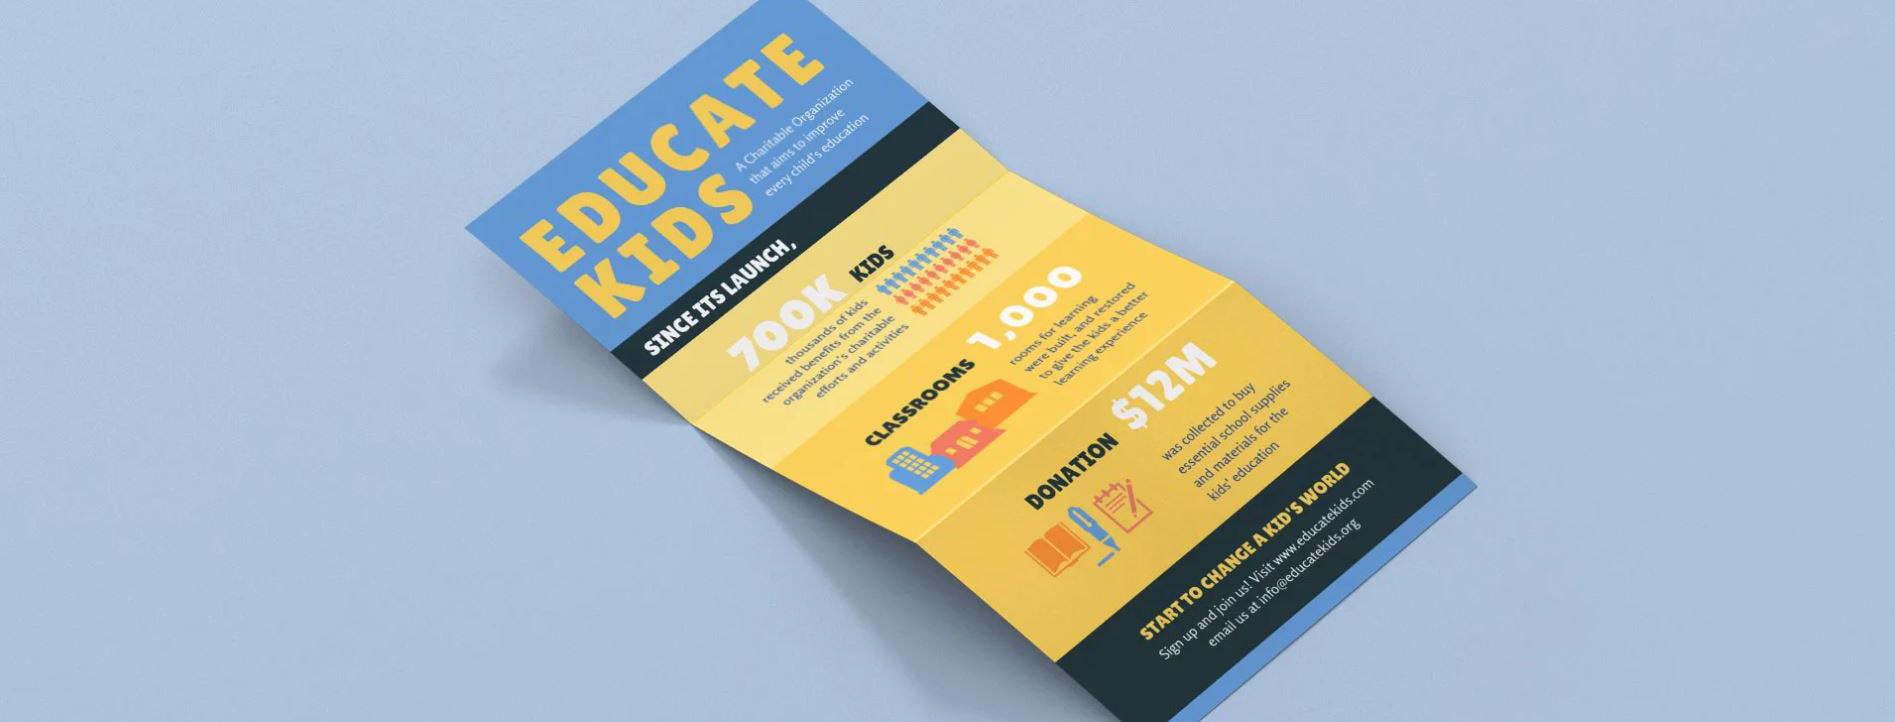 Infografik als Beispiel: So erstellst du selbst erfolgreich welche